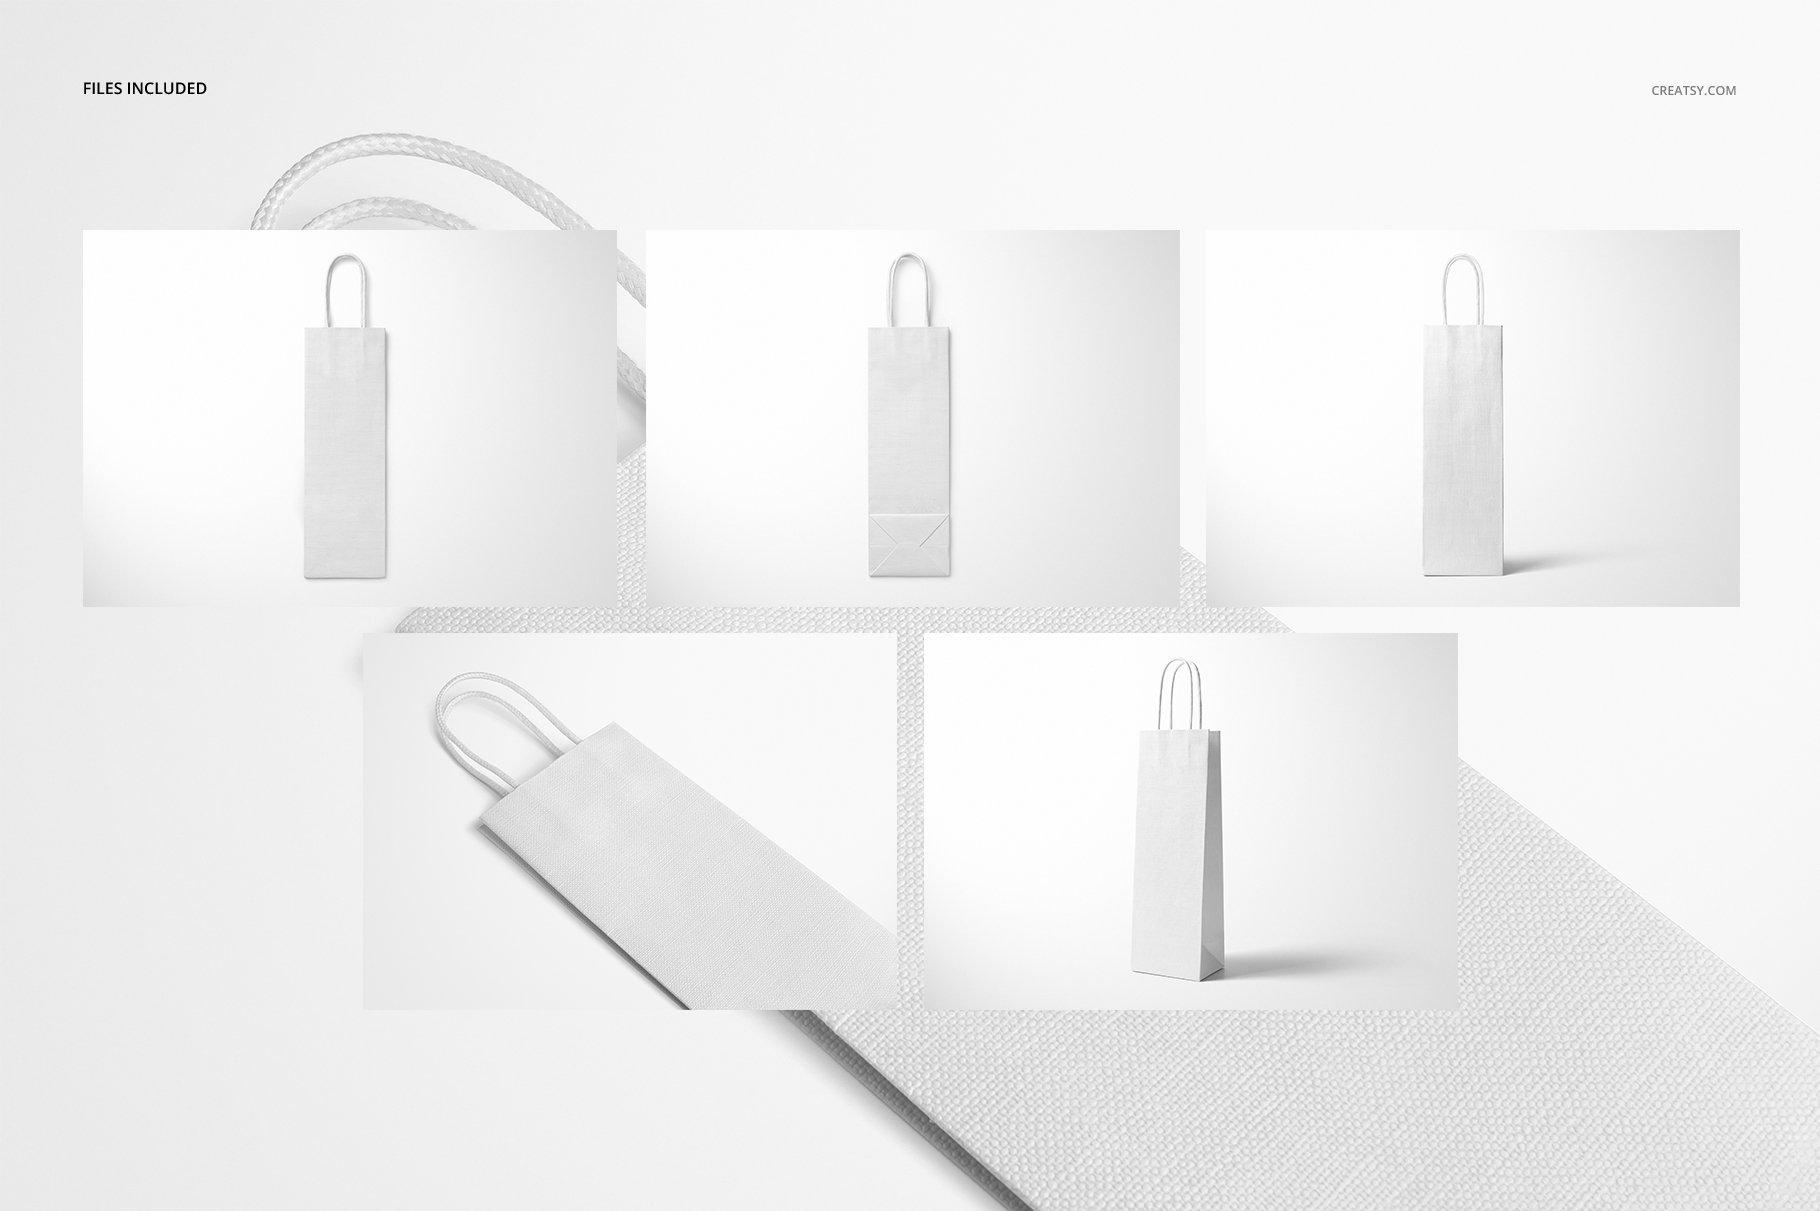 [淘宝购买] 精美葡萄酒手提袋设计展示贴图样机套装 Eurotote Wine Tote Bag Mockup Set插图(3)